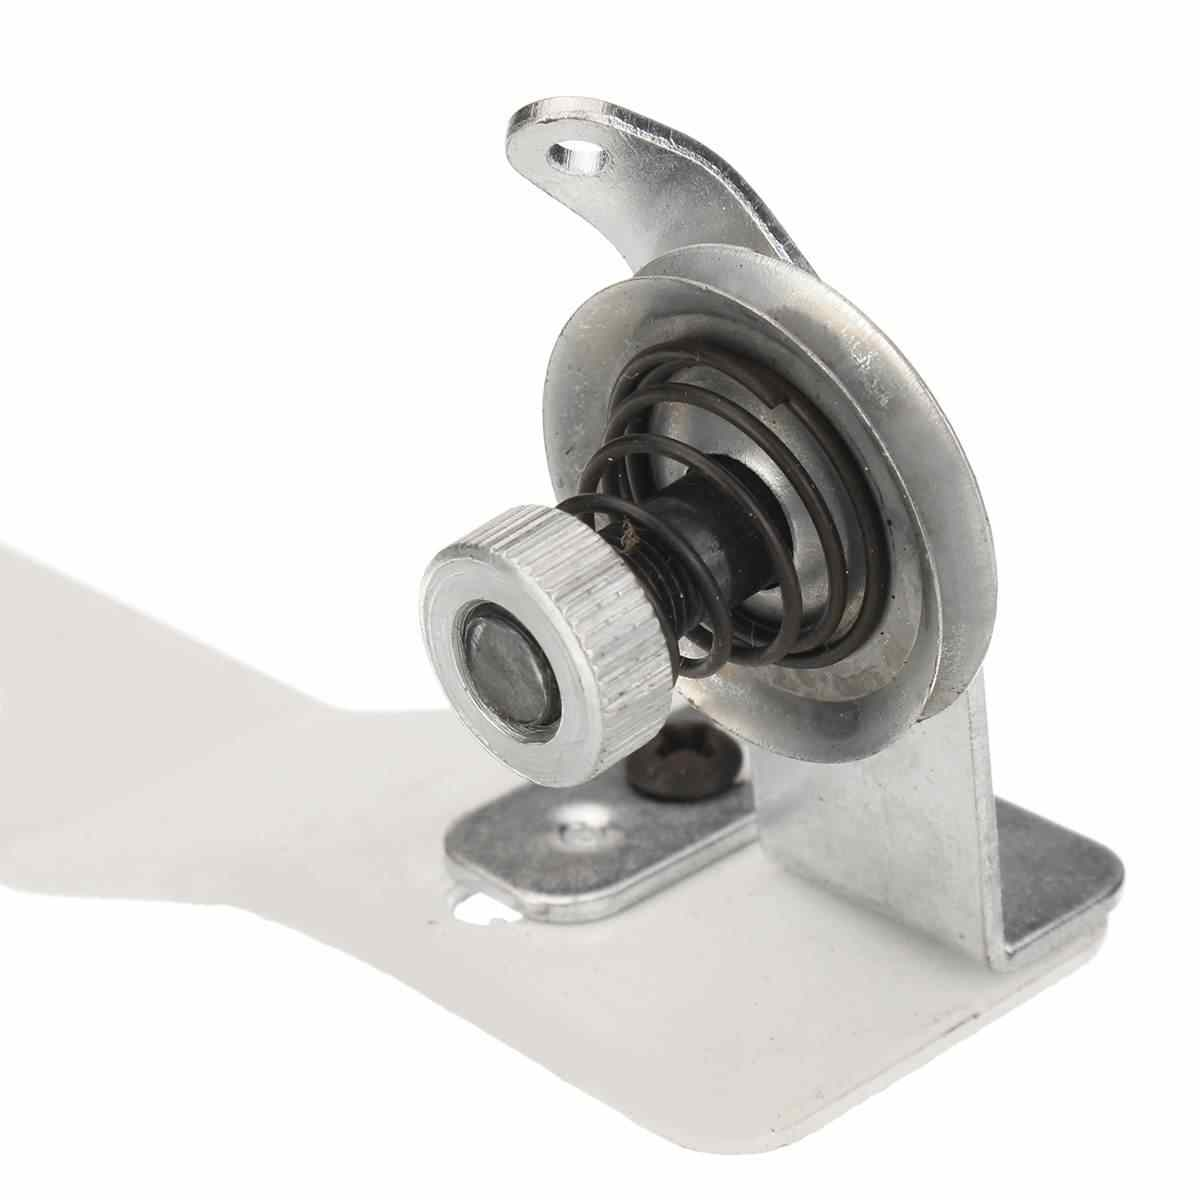 2.5 بوصة ماكينة خياطة صناعية بكرة اللفاف ل ماكينة خياطة صناعية ل Juki CONSEW المغني الخ